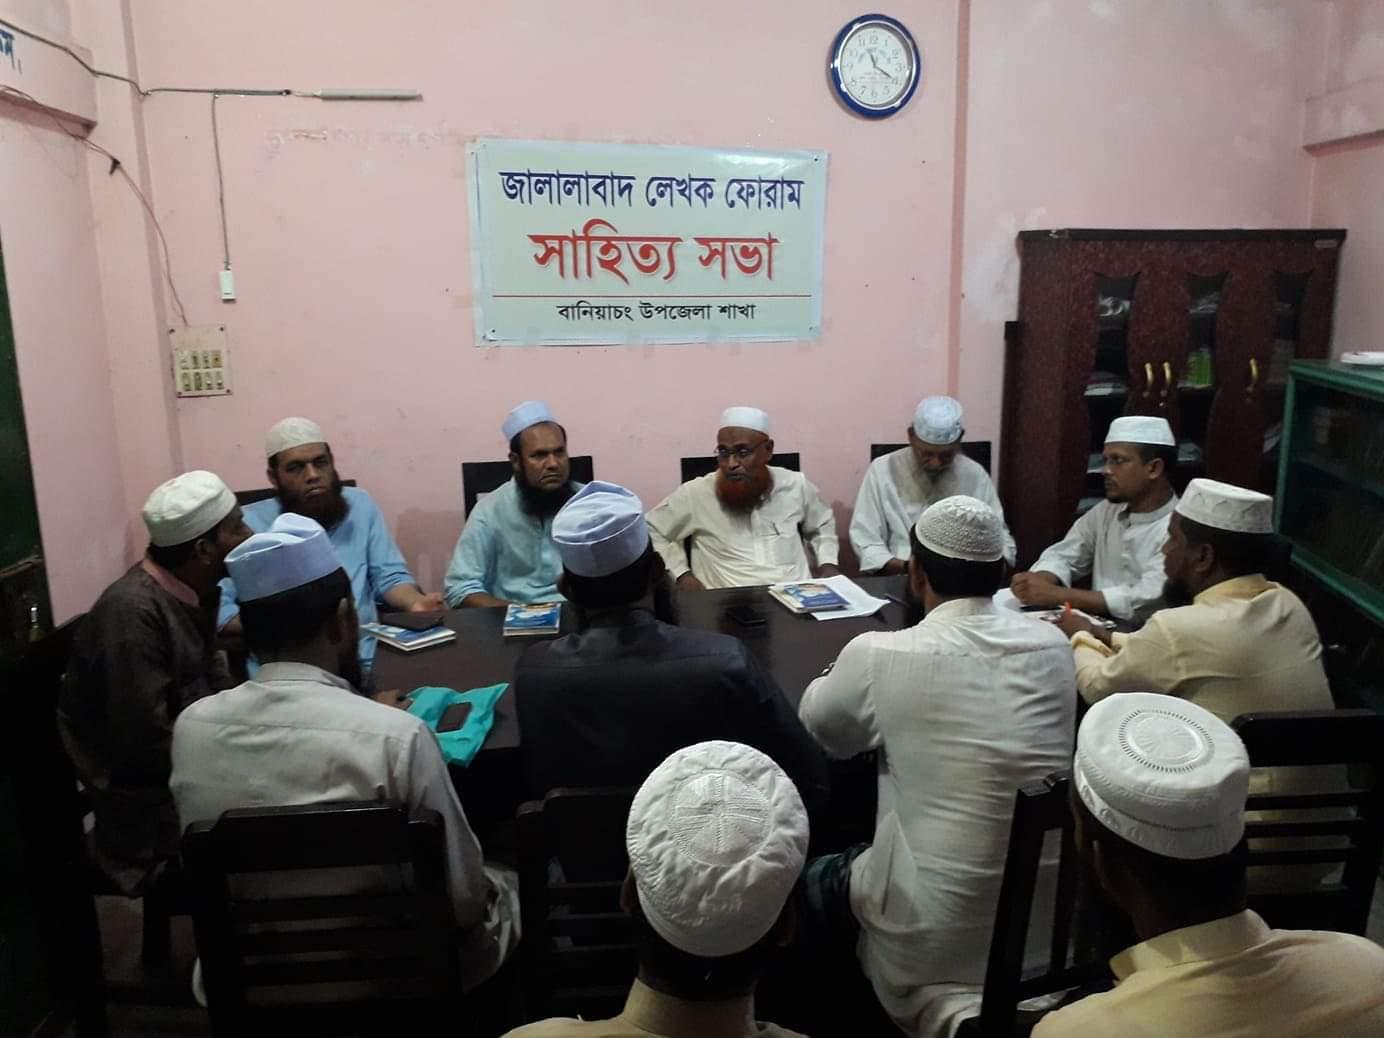 জালালাবাদ লেখক ফোরাম বানিয়াচং উপজেলা শাখার কমিটি গঠন